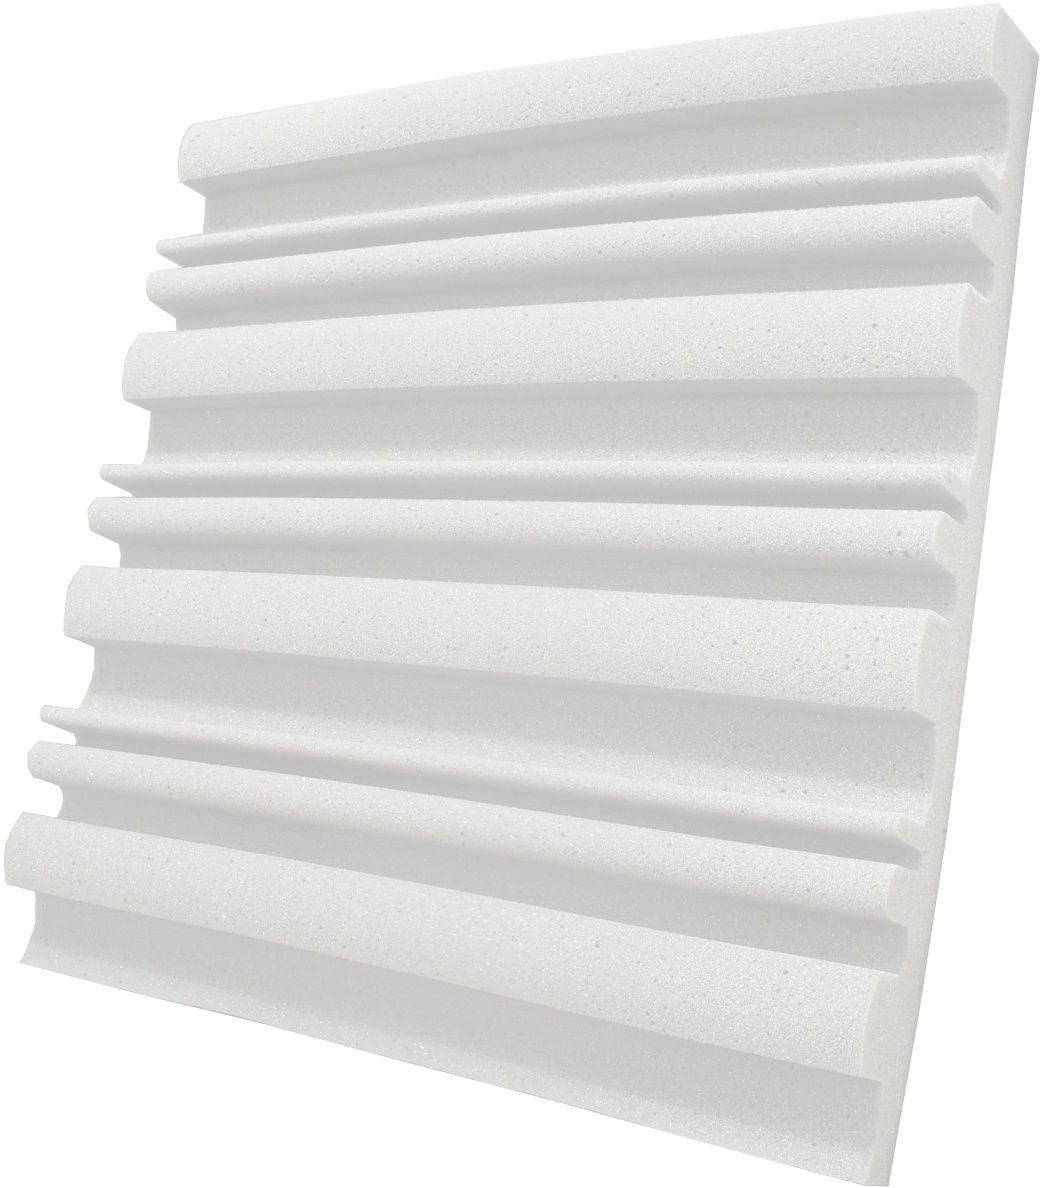 Espuma acústica Linha REV - SII - Branco Gelo - Kit 8 peças (2m²)  - Loja  SPL Acústica